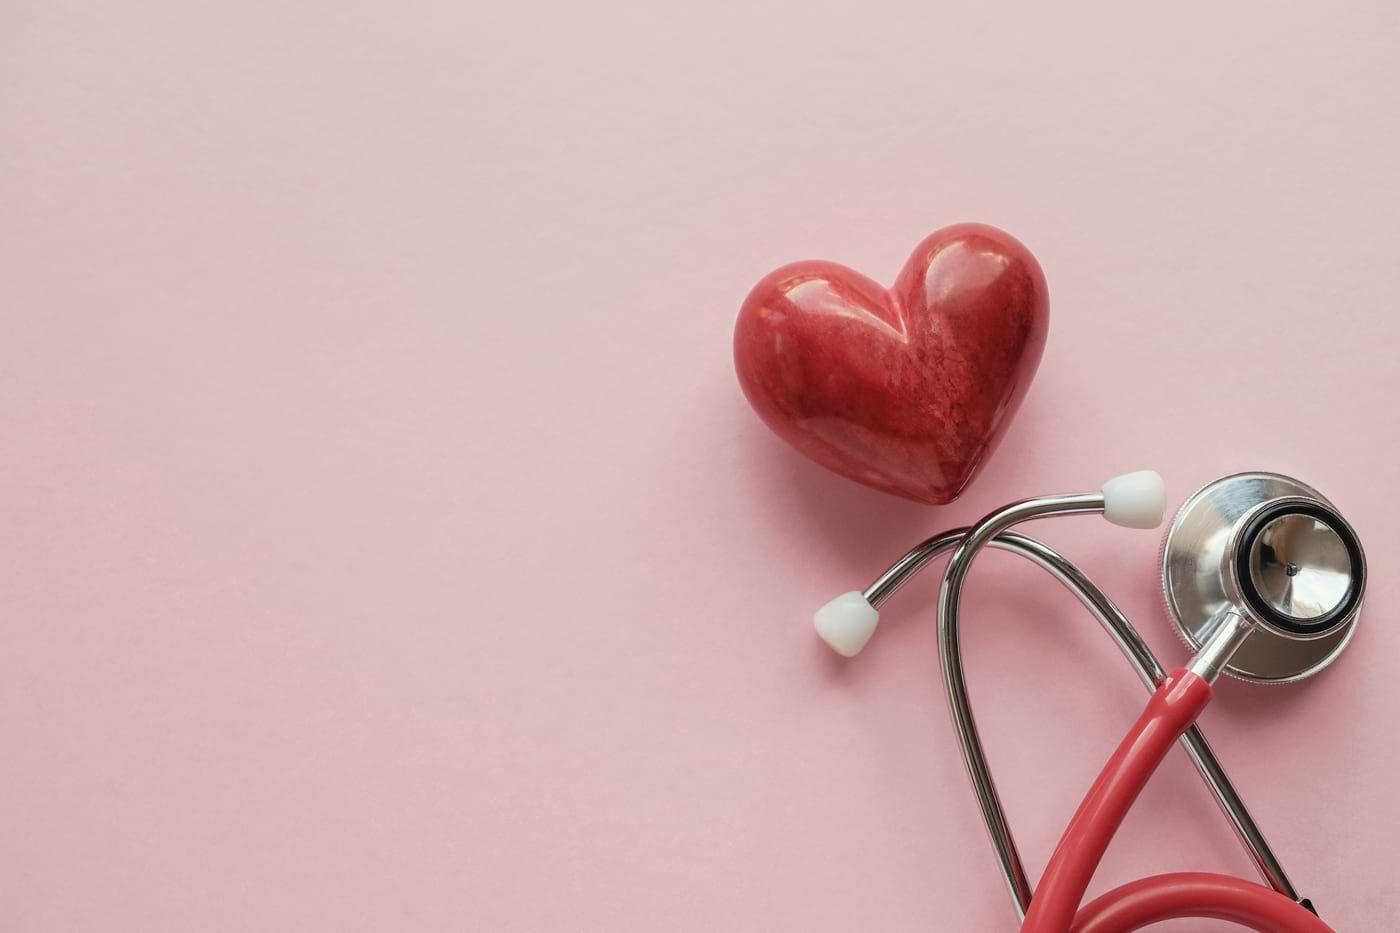 15 cauze mai puțin știute ale hipertensiunii